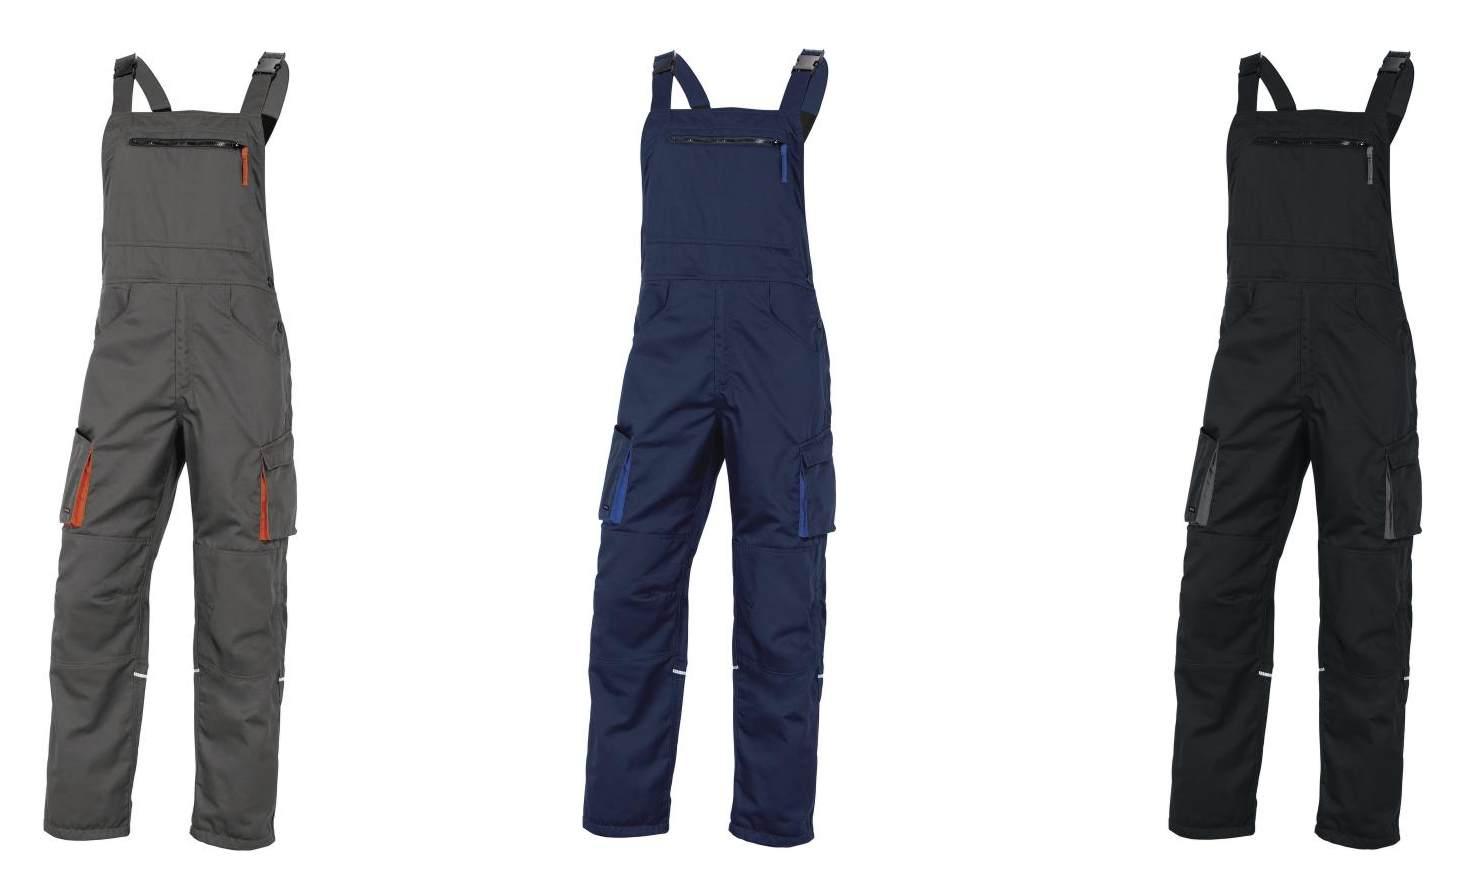 14dcc6c7c15bc9 Spodnie robocze ogrodniczki MACH2, M2SA2, DELTA PLUS - Ubrania ...